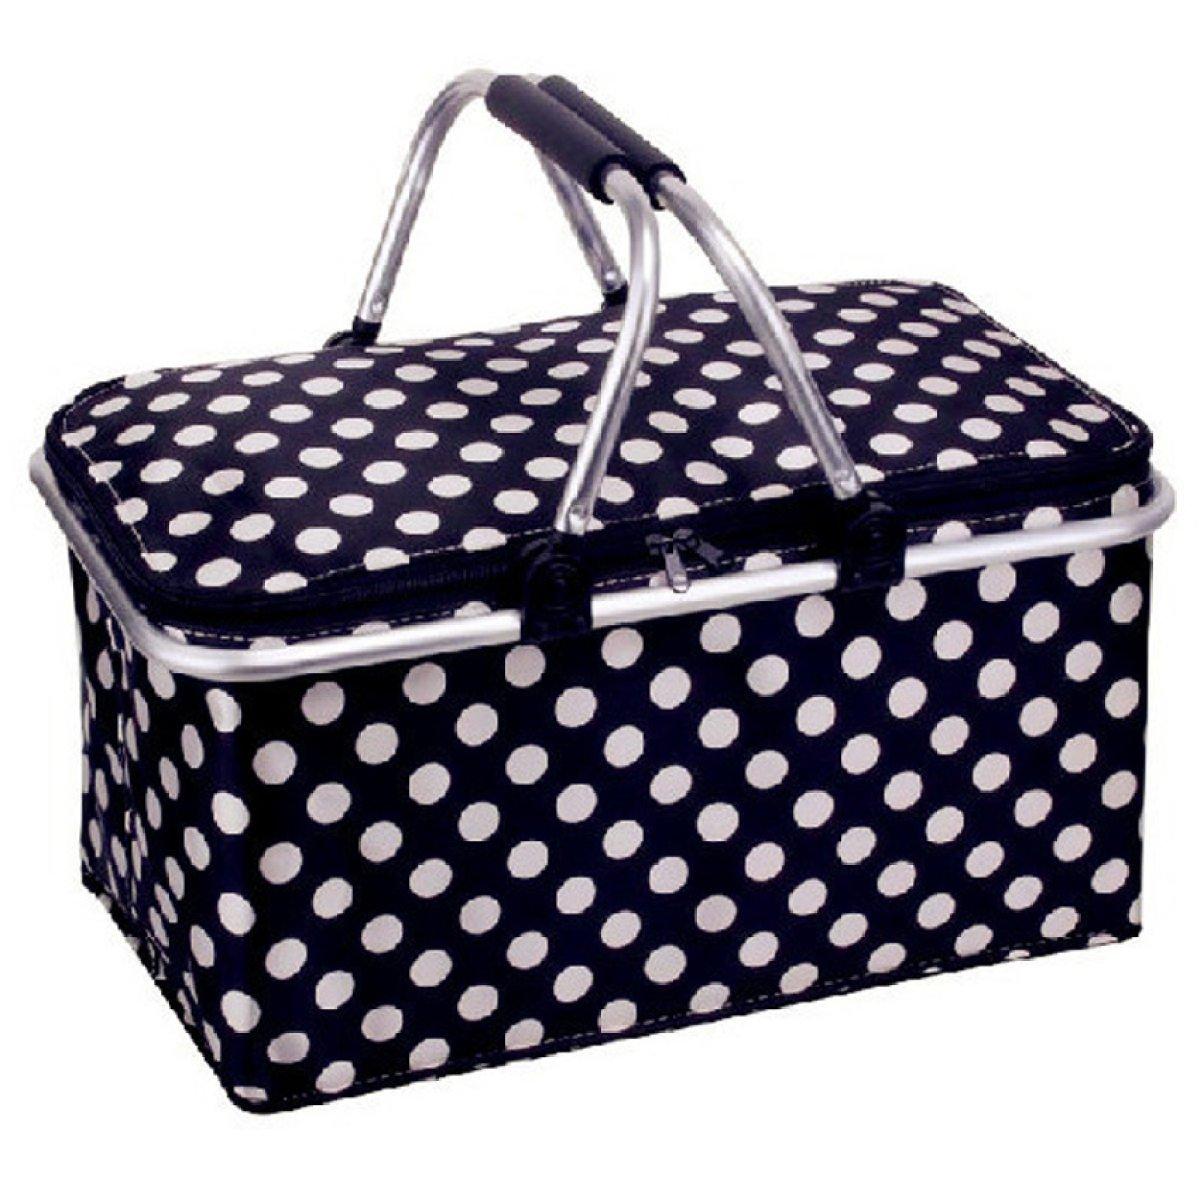 Außen Inkubator Aufbewahrungsbehälter Einkaufstaschen Plastiktüten Camping Picknick-Taschen Packt Eis Mit Großer Kapazität